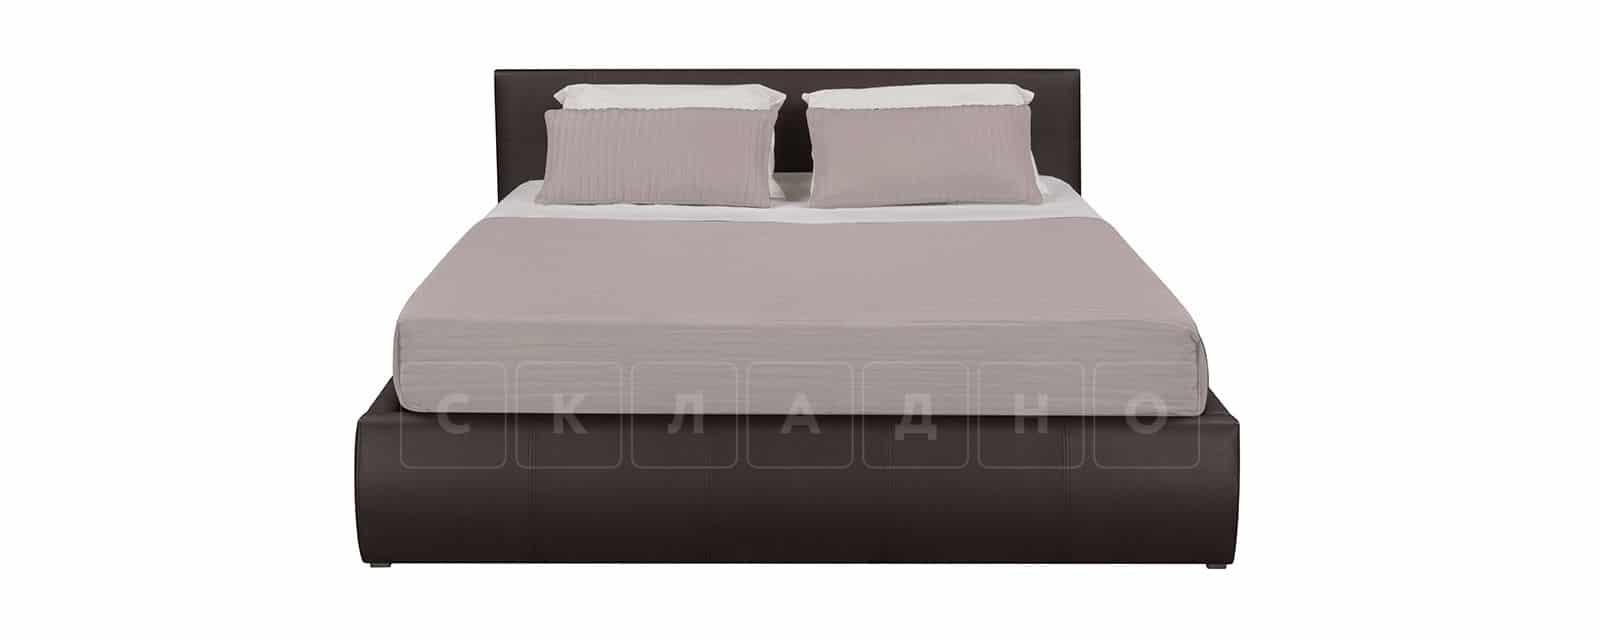 Мягкая кровать Афина 160см экокожа коричневого цвета фото 3   интернет-магазин Складно